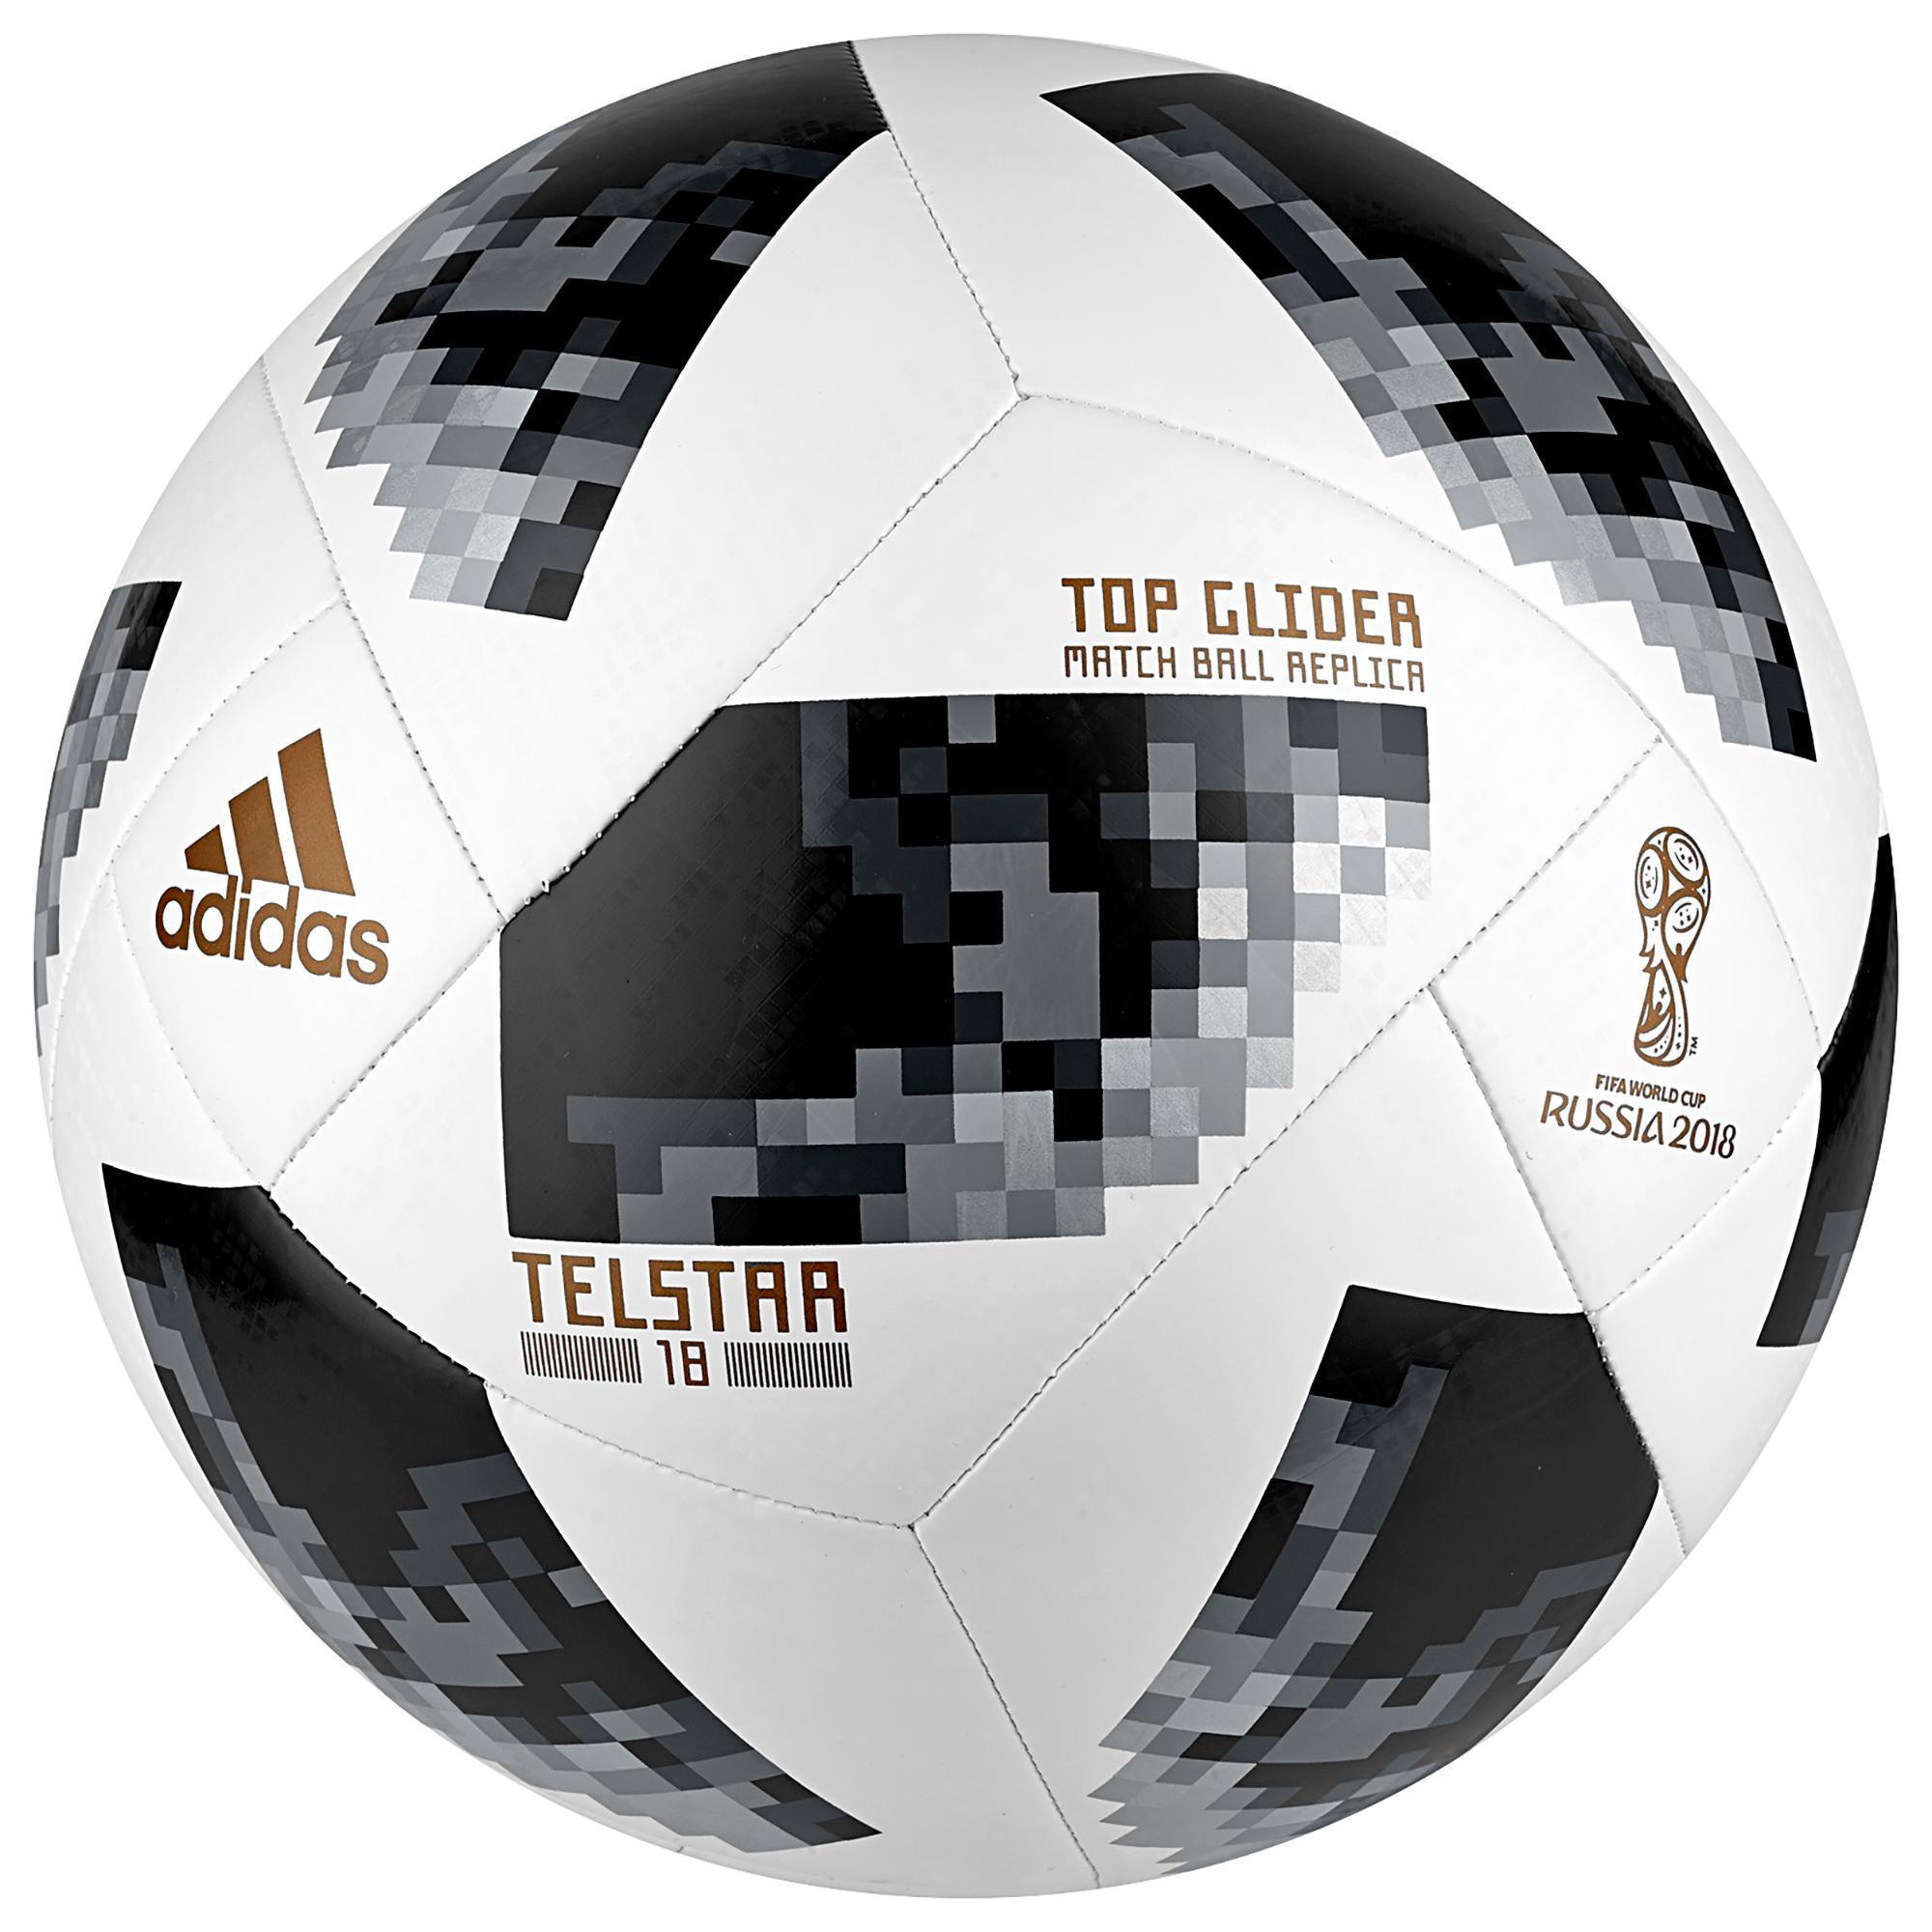 9978323a11f Adidas WK bal 2018 Telstar, Top Glider maat 5 kopen met voordeel ...